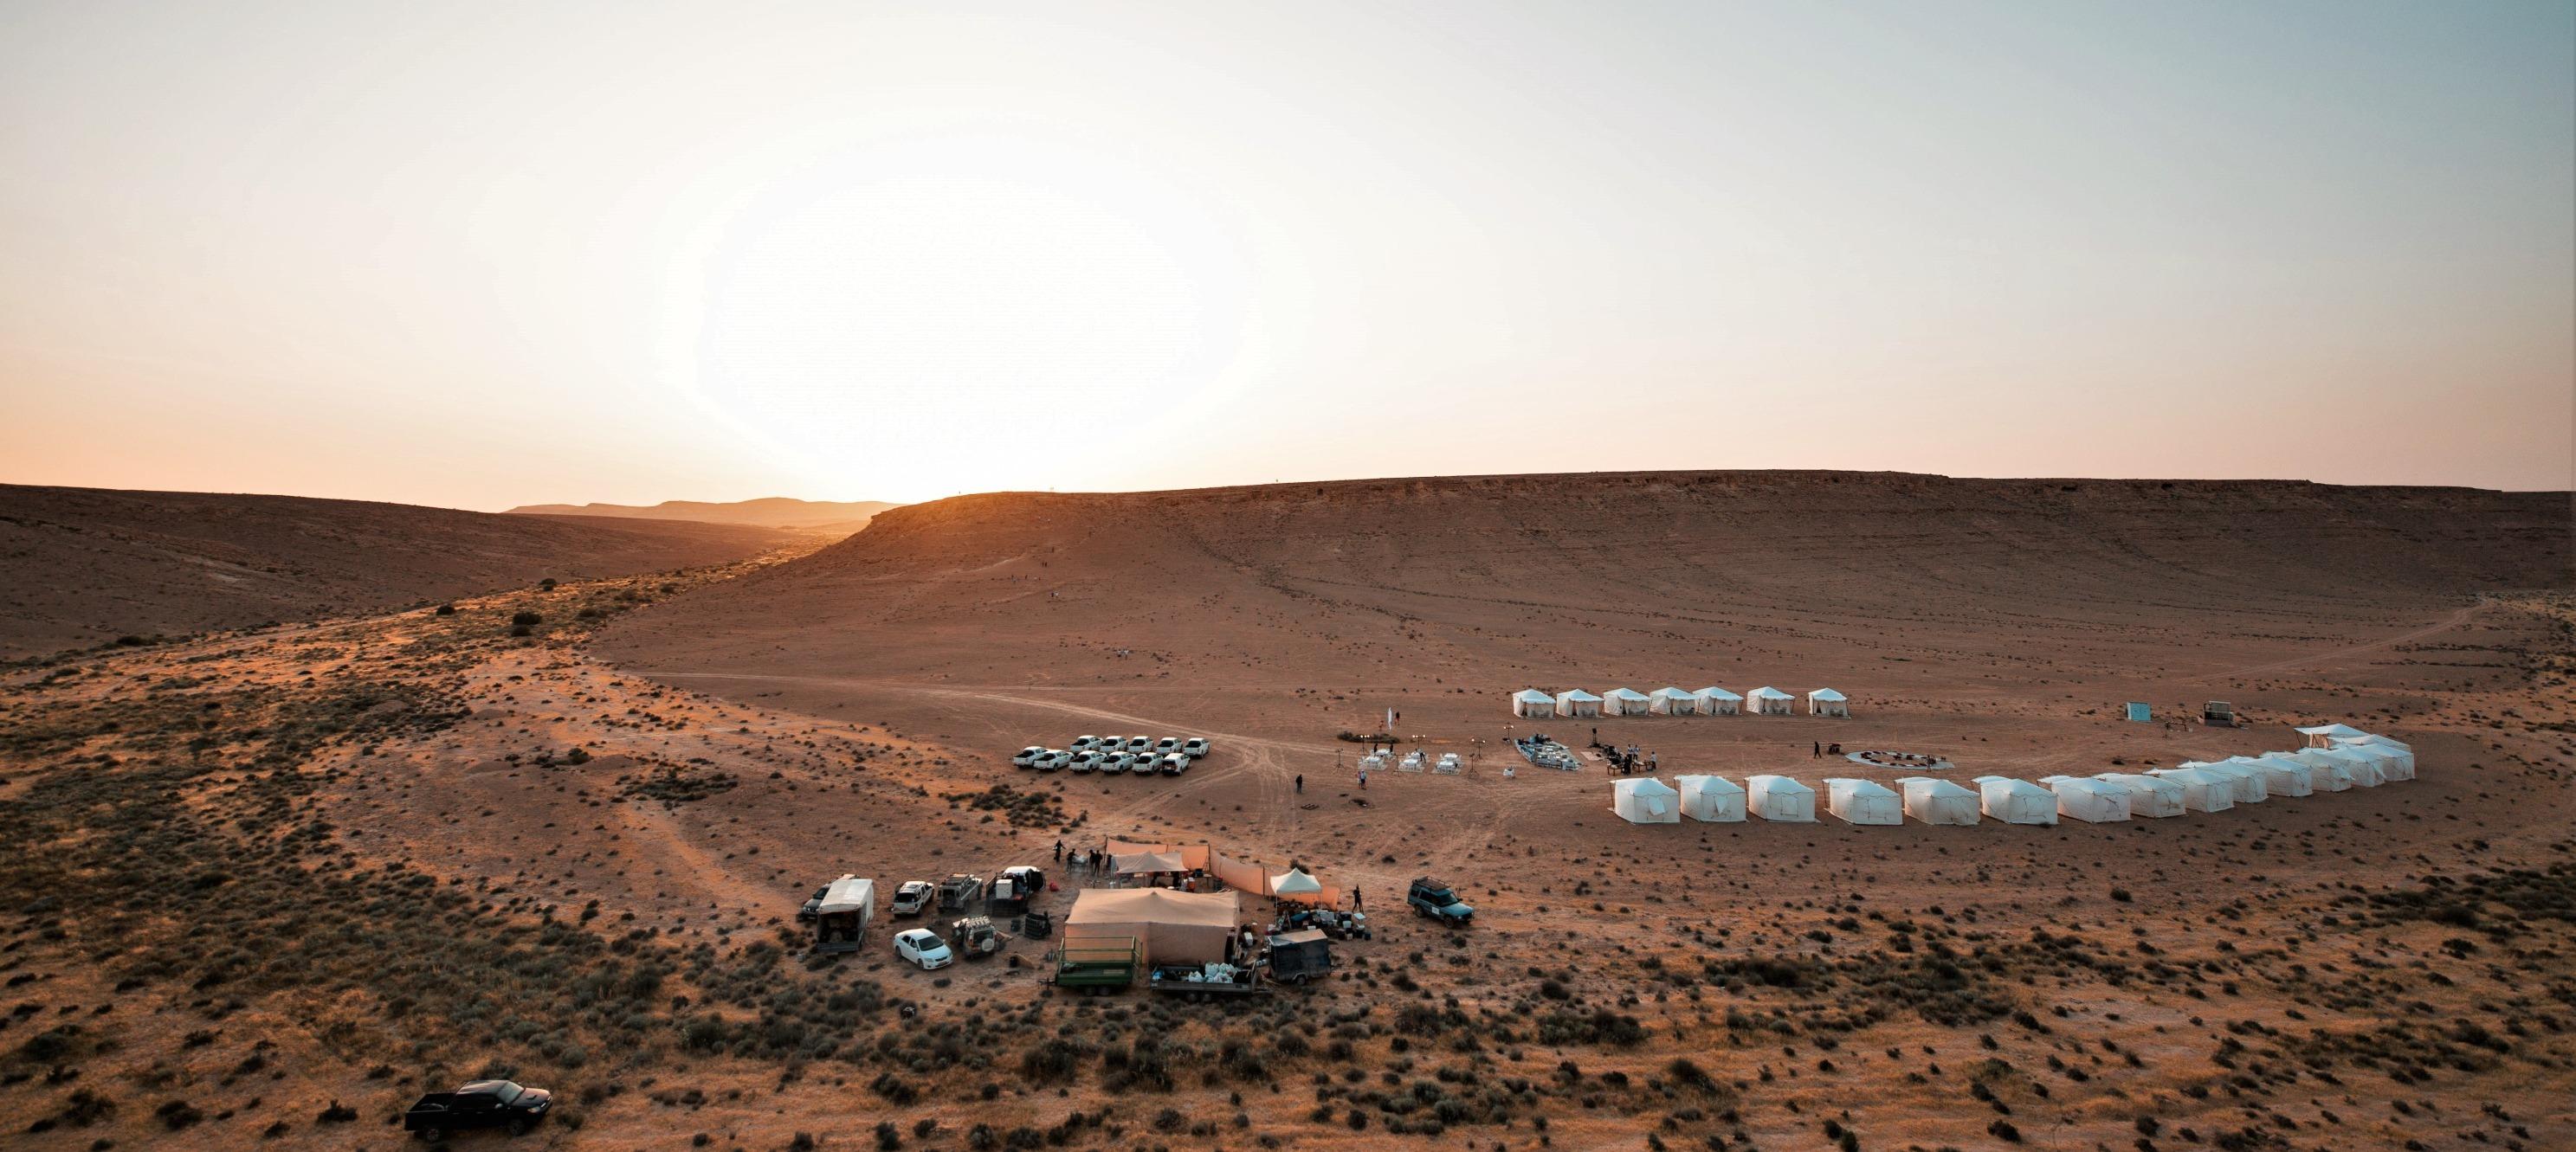 Glamping in the Israeli Desert